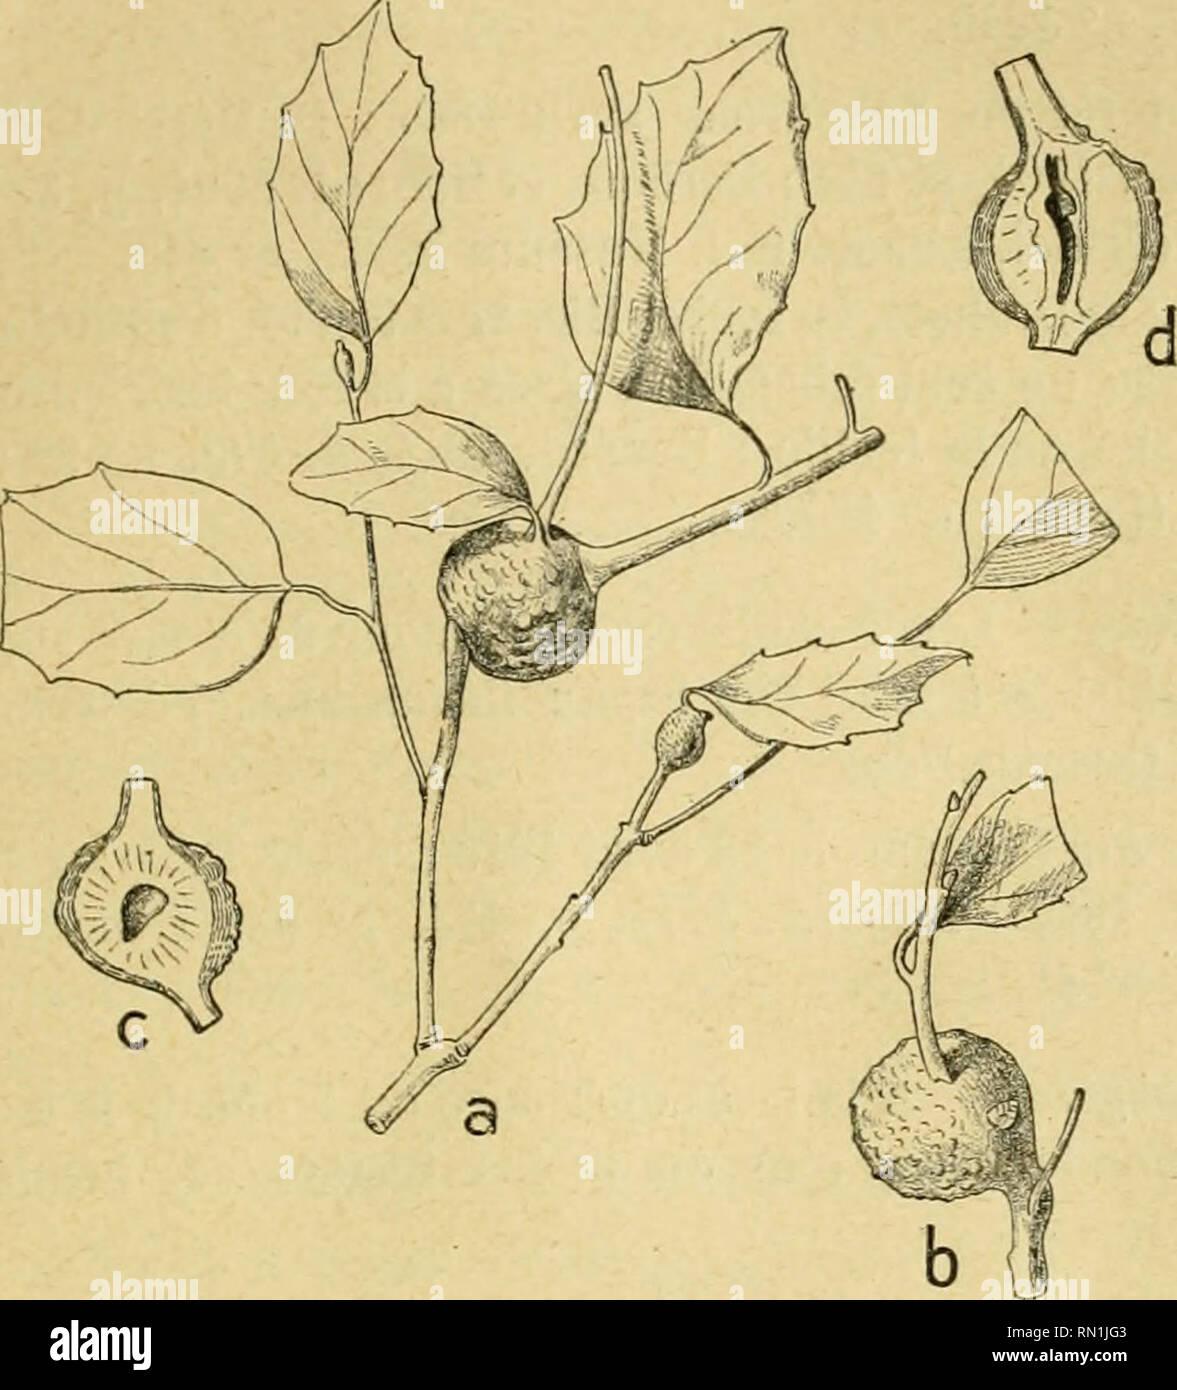 """. Annales de la Société entomologique de France. Les insectes; l'entomologie. Les Zoocécidies du Nord de l'Afrique. u""""^ mi, lig. 498-499; 1911, p. 262, n""""^ cécidol; Collection 21. La main-d'œuvre. Ent. Muséum Paris, n"""" 418; Collection cécidol. C.Houard, n"""" 197.. Quercus suber. Synoplirus politus (w 44). Fig. 34 (a). Rameau présentant 3 cécidies dont deux très jeunes (d'ap. nat. ; Gr., o.5). Fig. 35 (b). - Aspect extérieur d'une galle adulte (d'ap. nat., gr. 0,-5). Fig. 36 (c). - Section longitudinale d'une galle (d'ap. nat., gr. 0,5). Fig. 37 (d). - Autre cécidie coupée en long (d'ap. nat. ; Gr. 0,5) Photo Stock"""